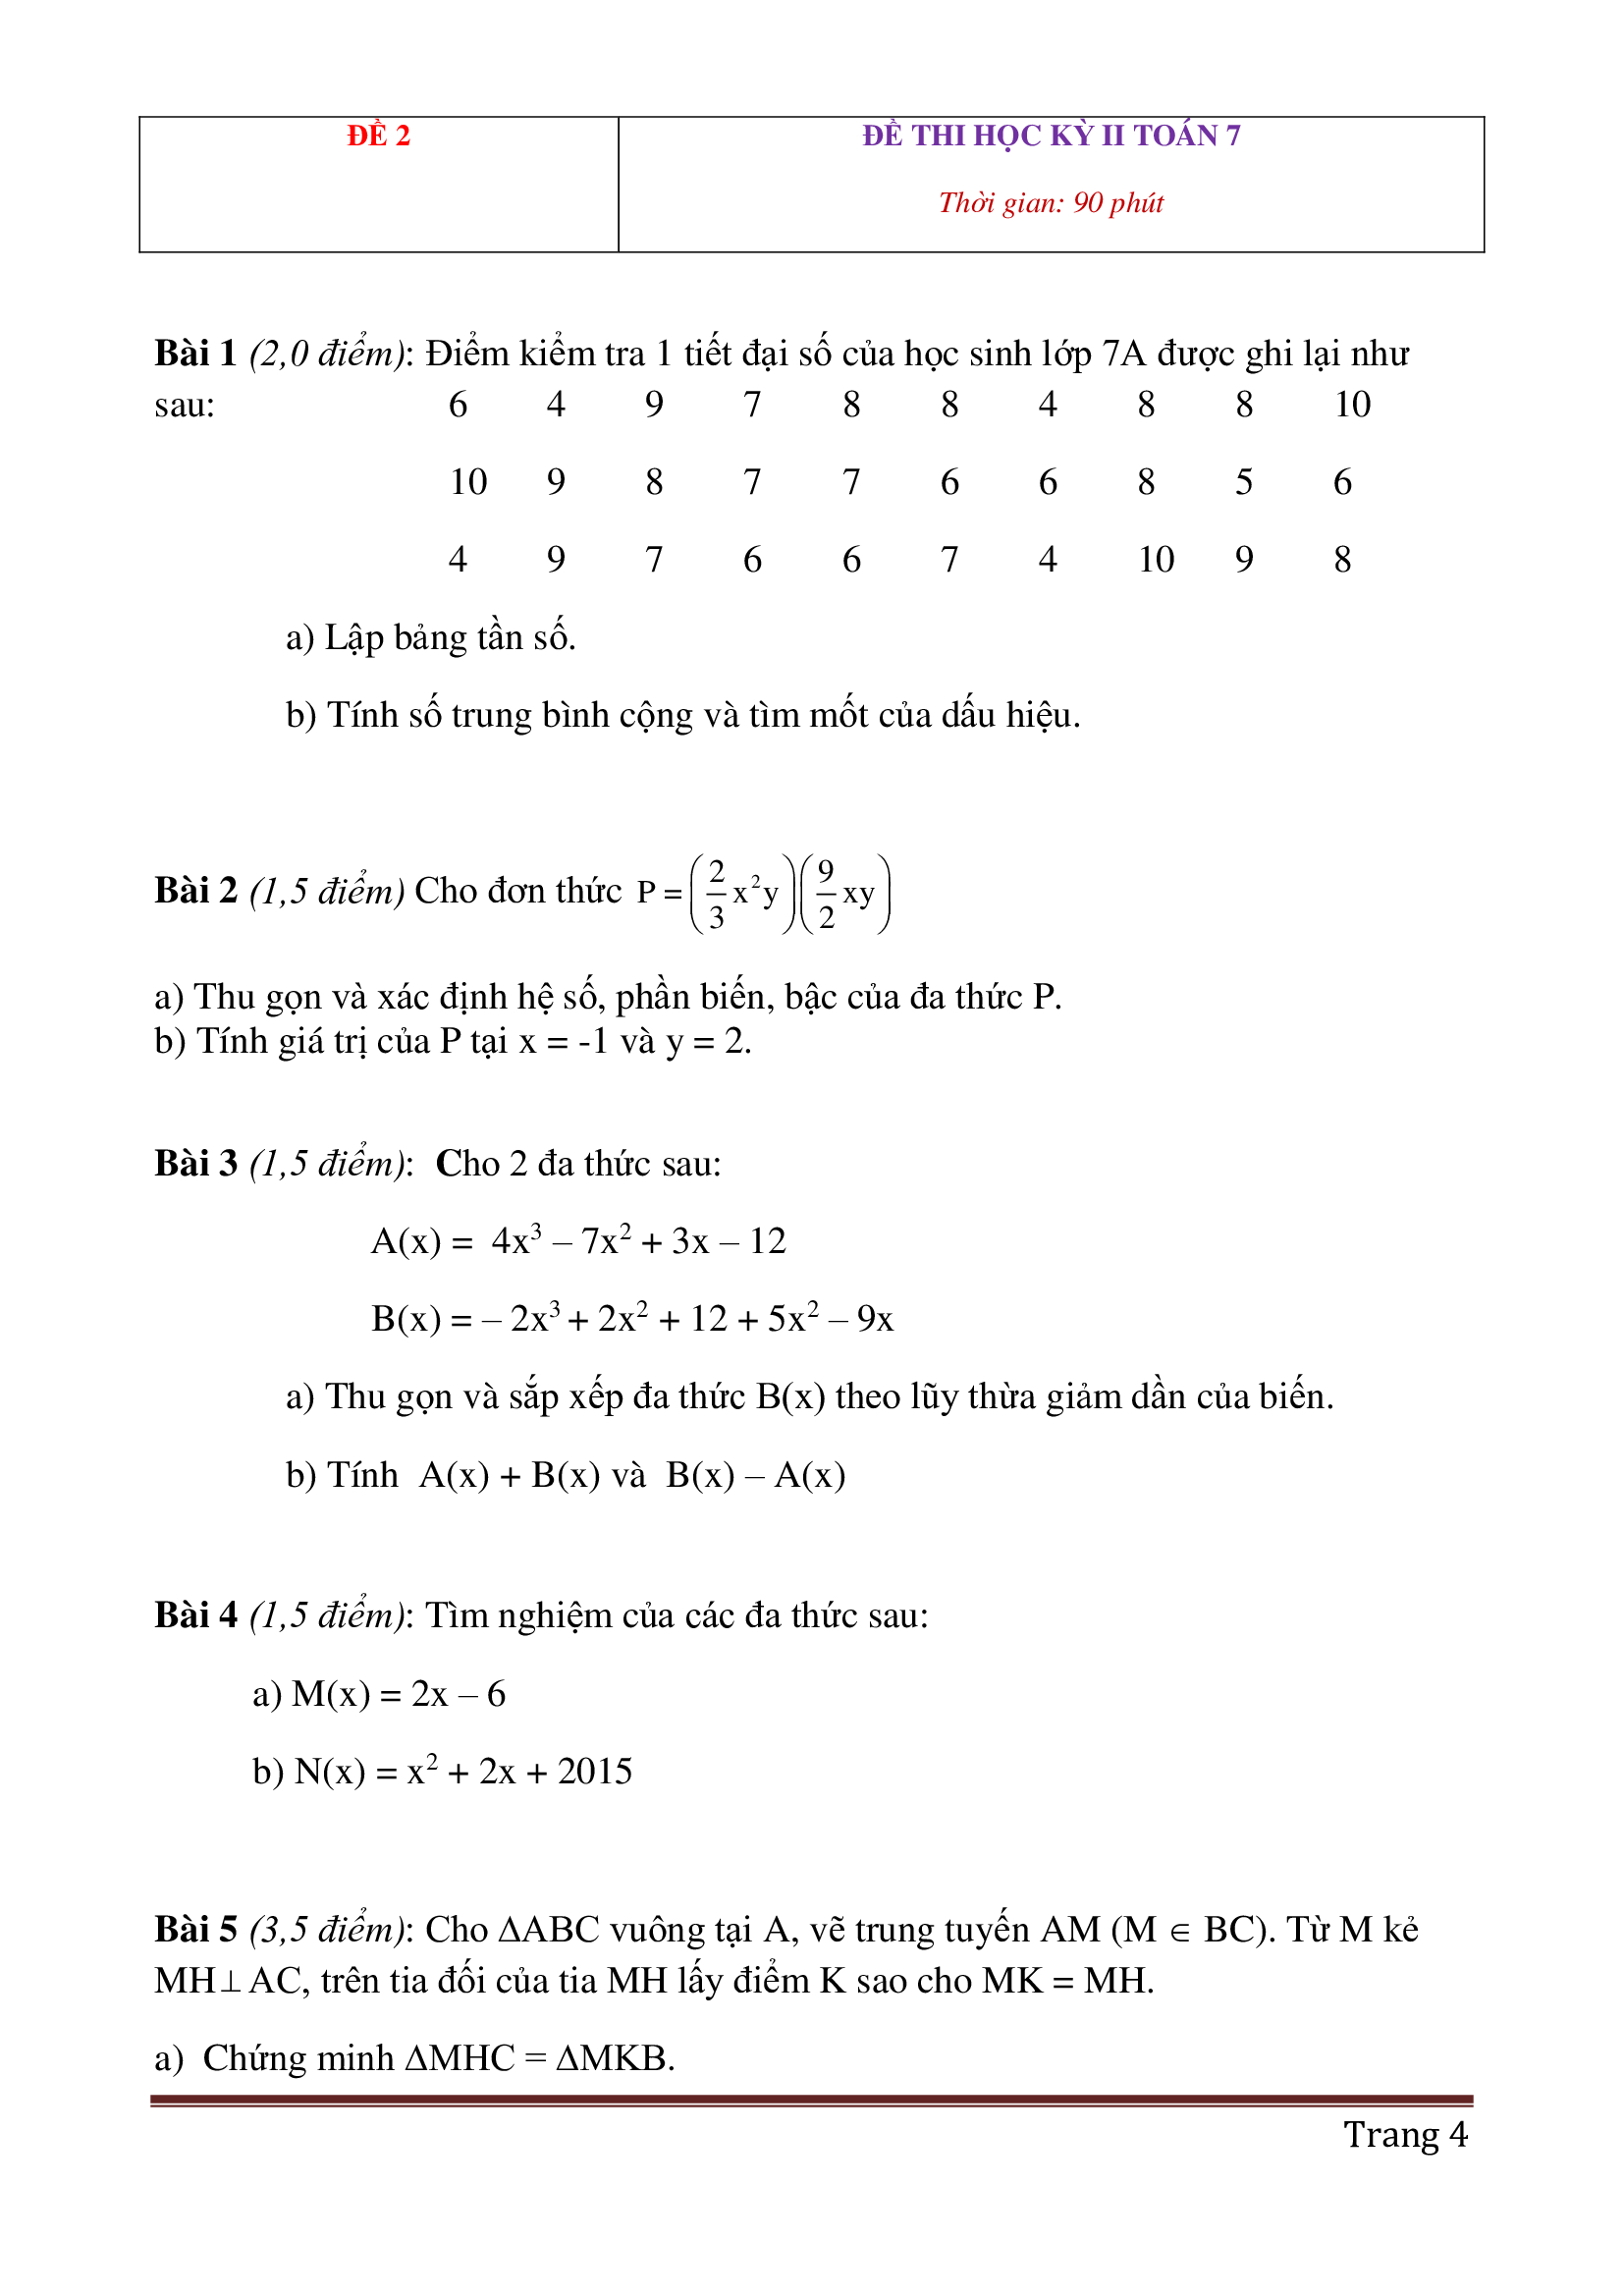 Đề thi hk2 toán 7 có đáp án dễ hiểu và hay 2021 bản đẹp